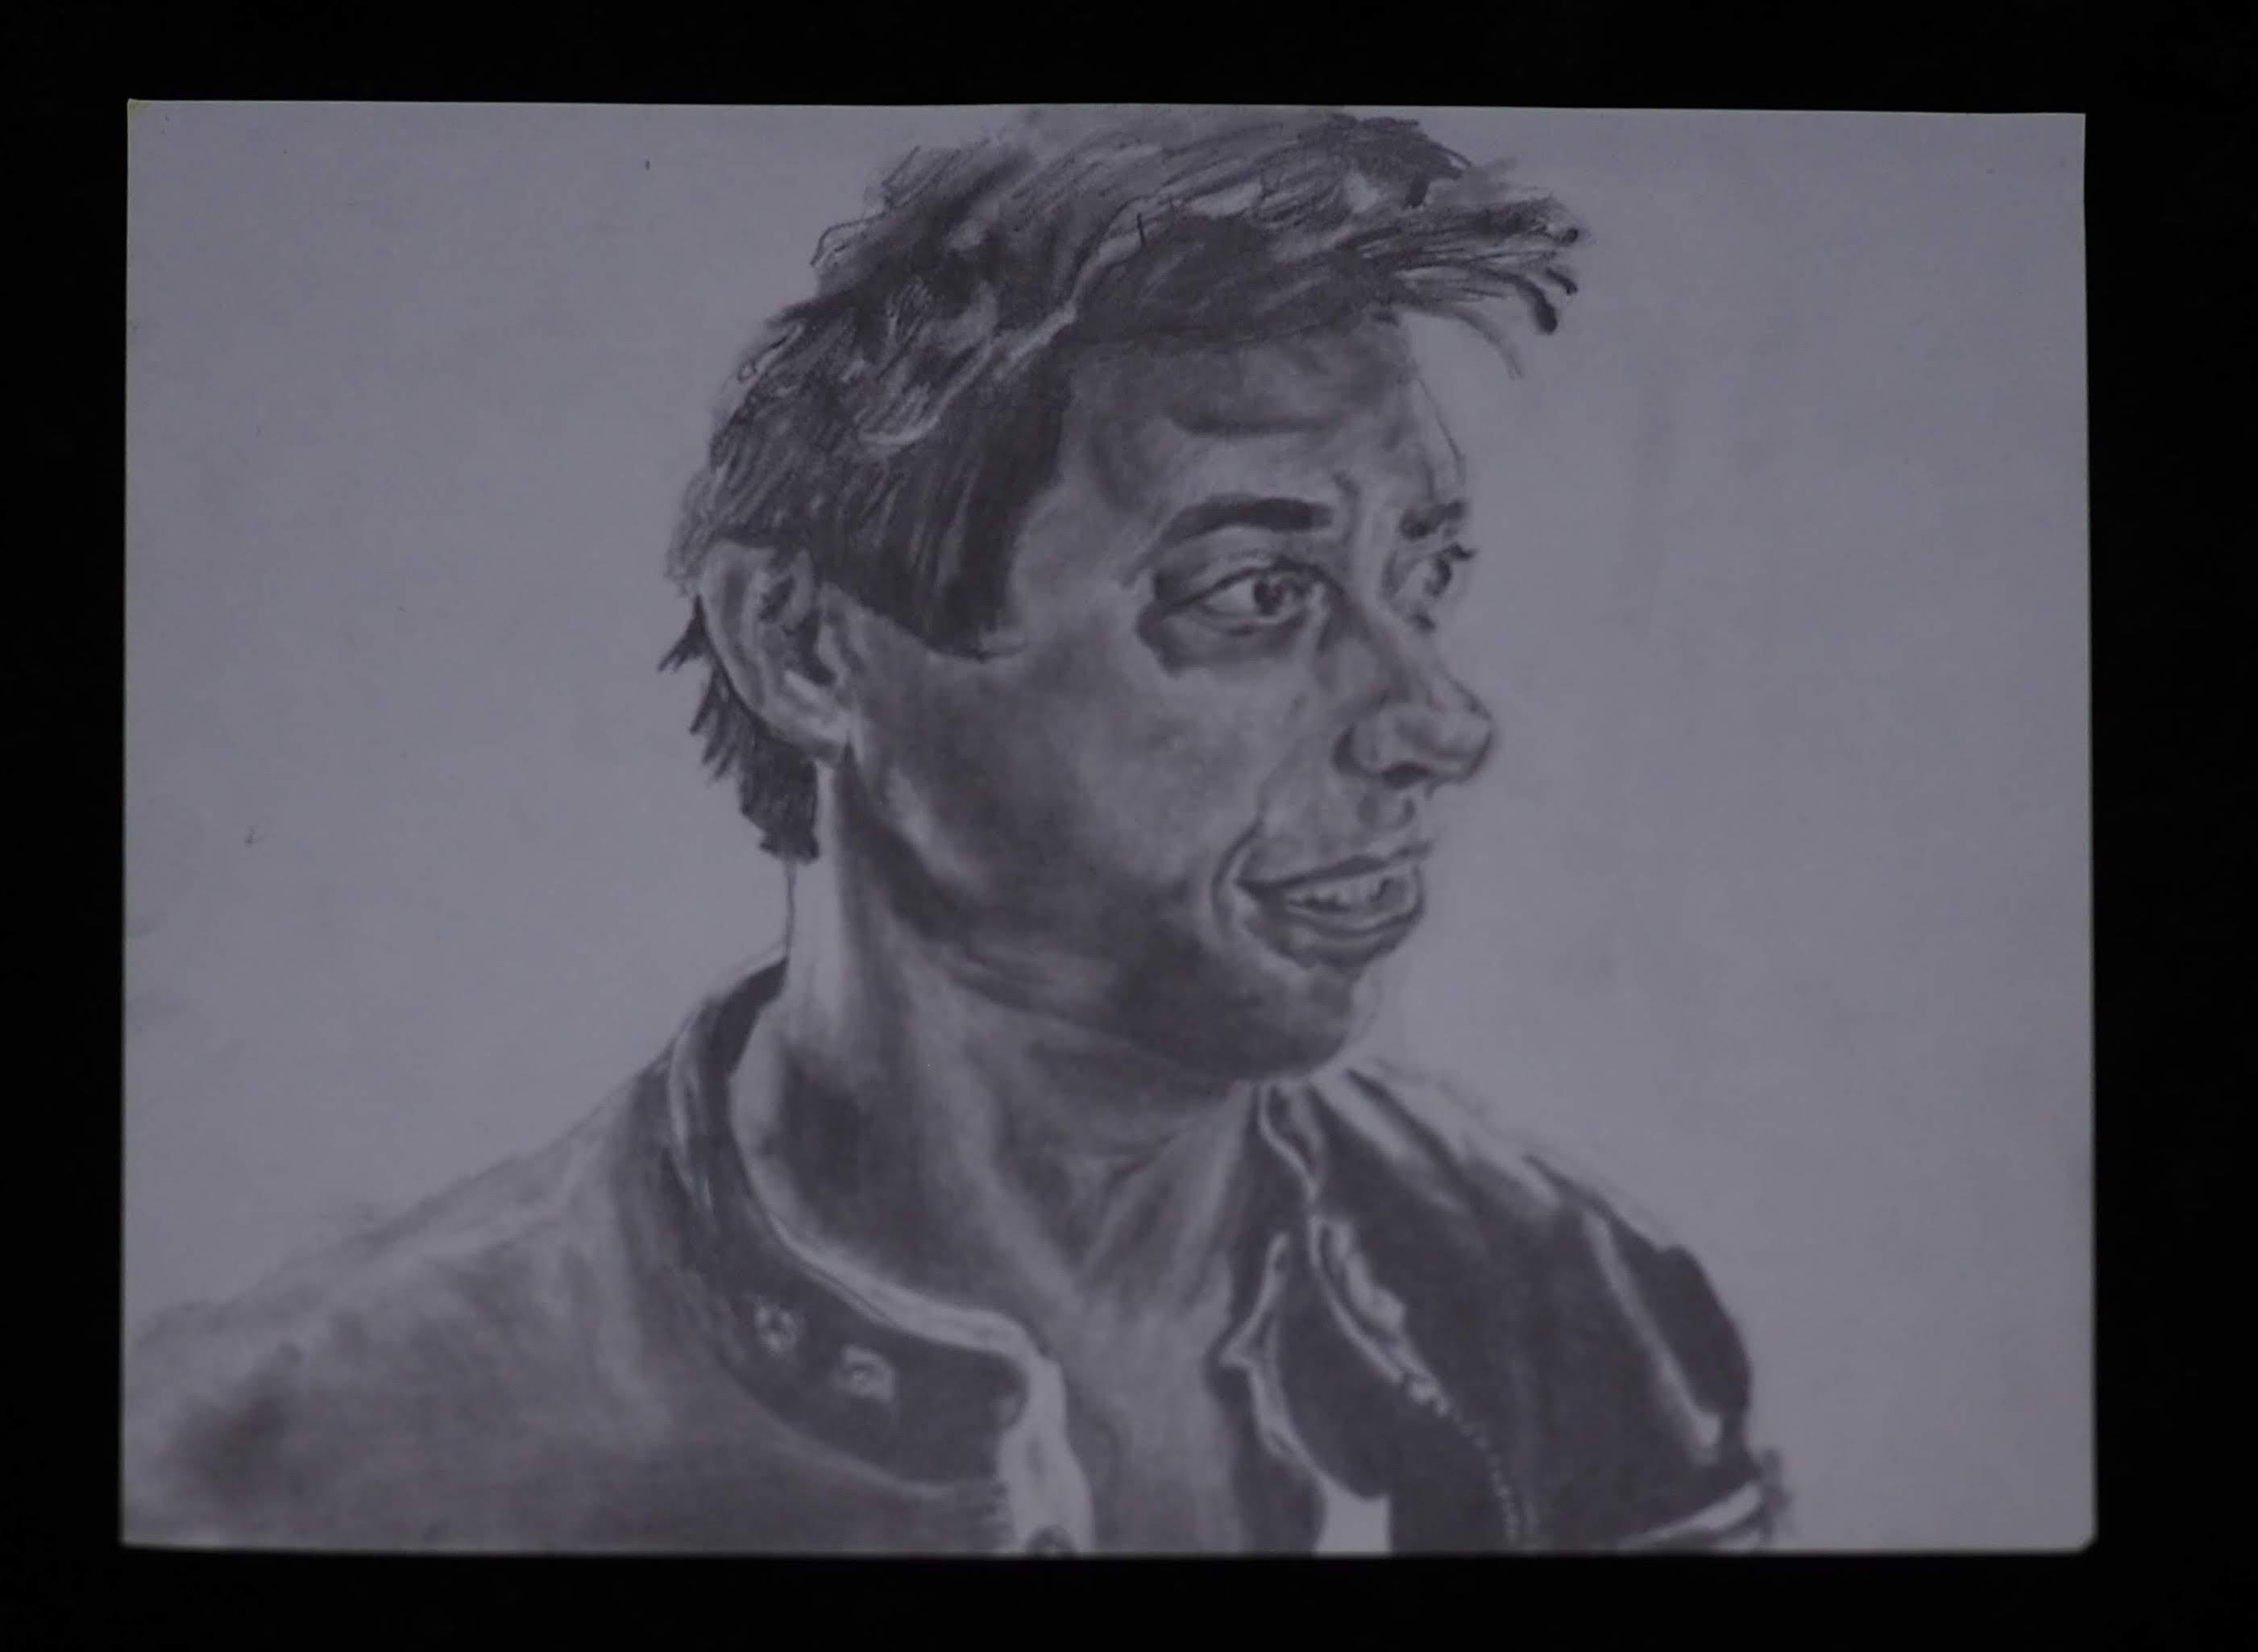 Portrait of Christian Borle